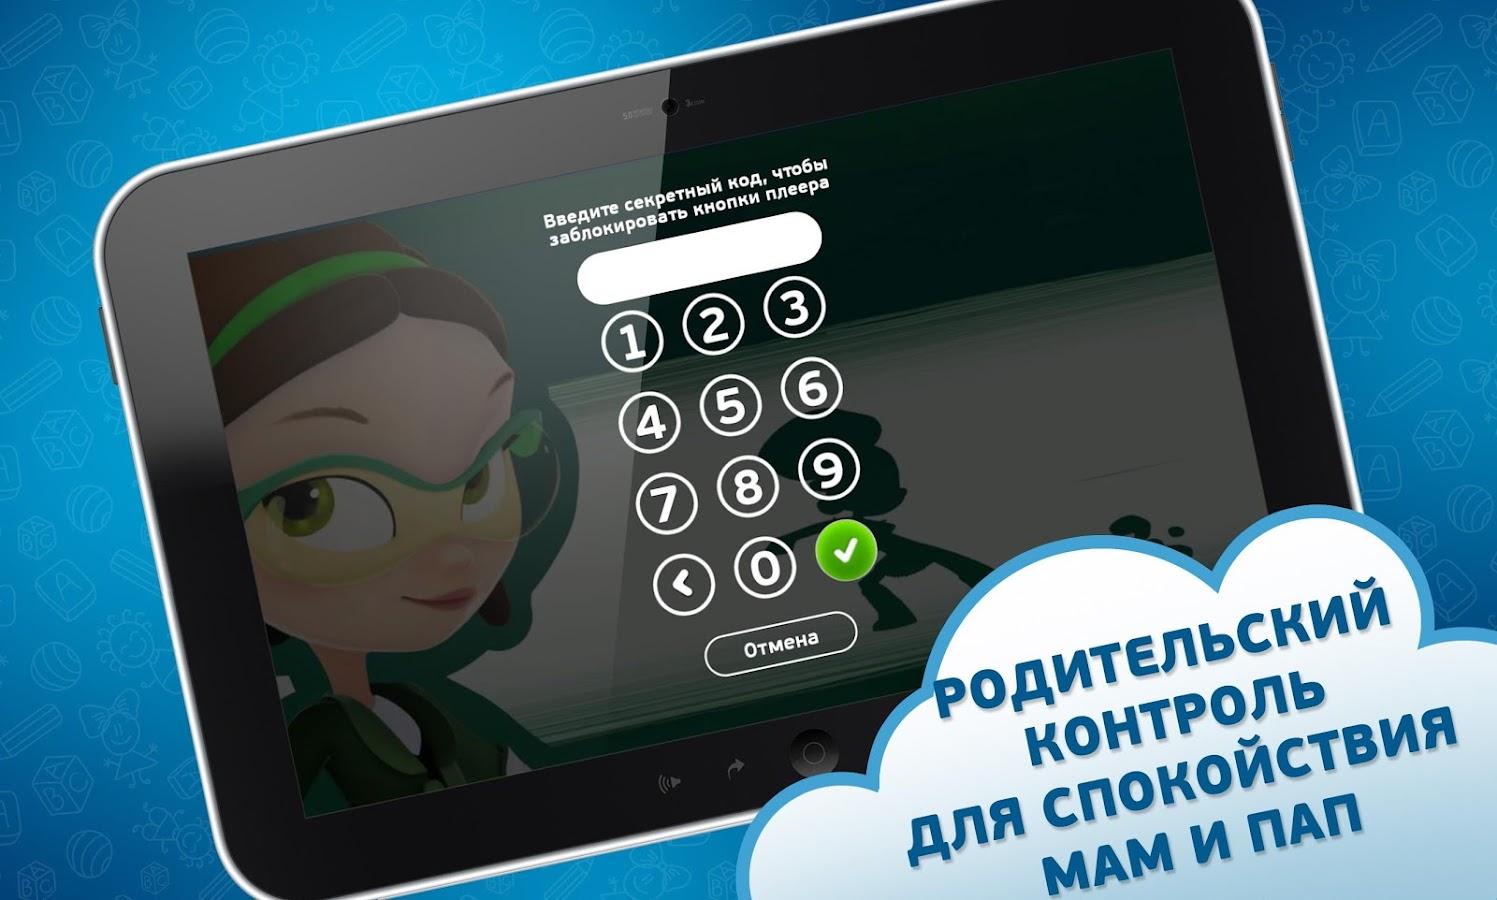 Православные мультфильмы для детей просмотр онлайн